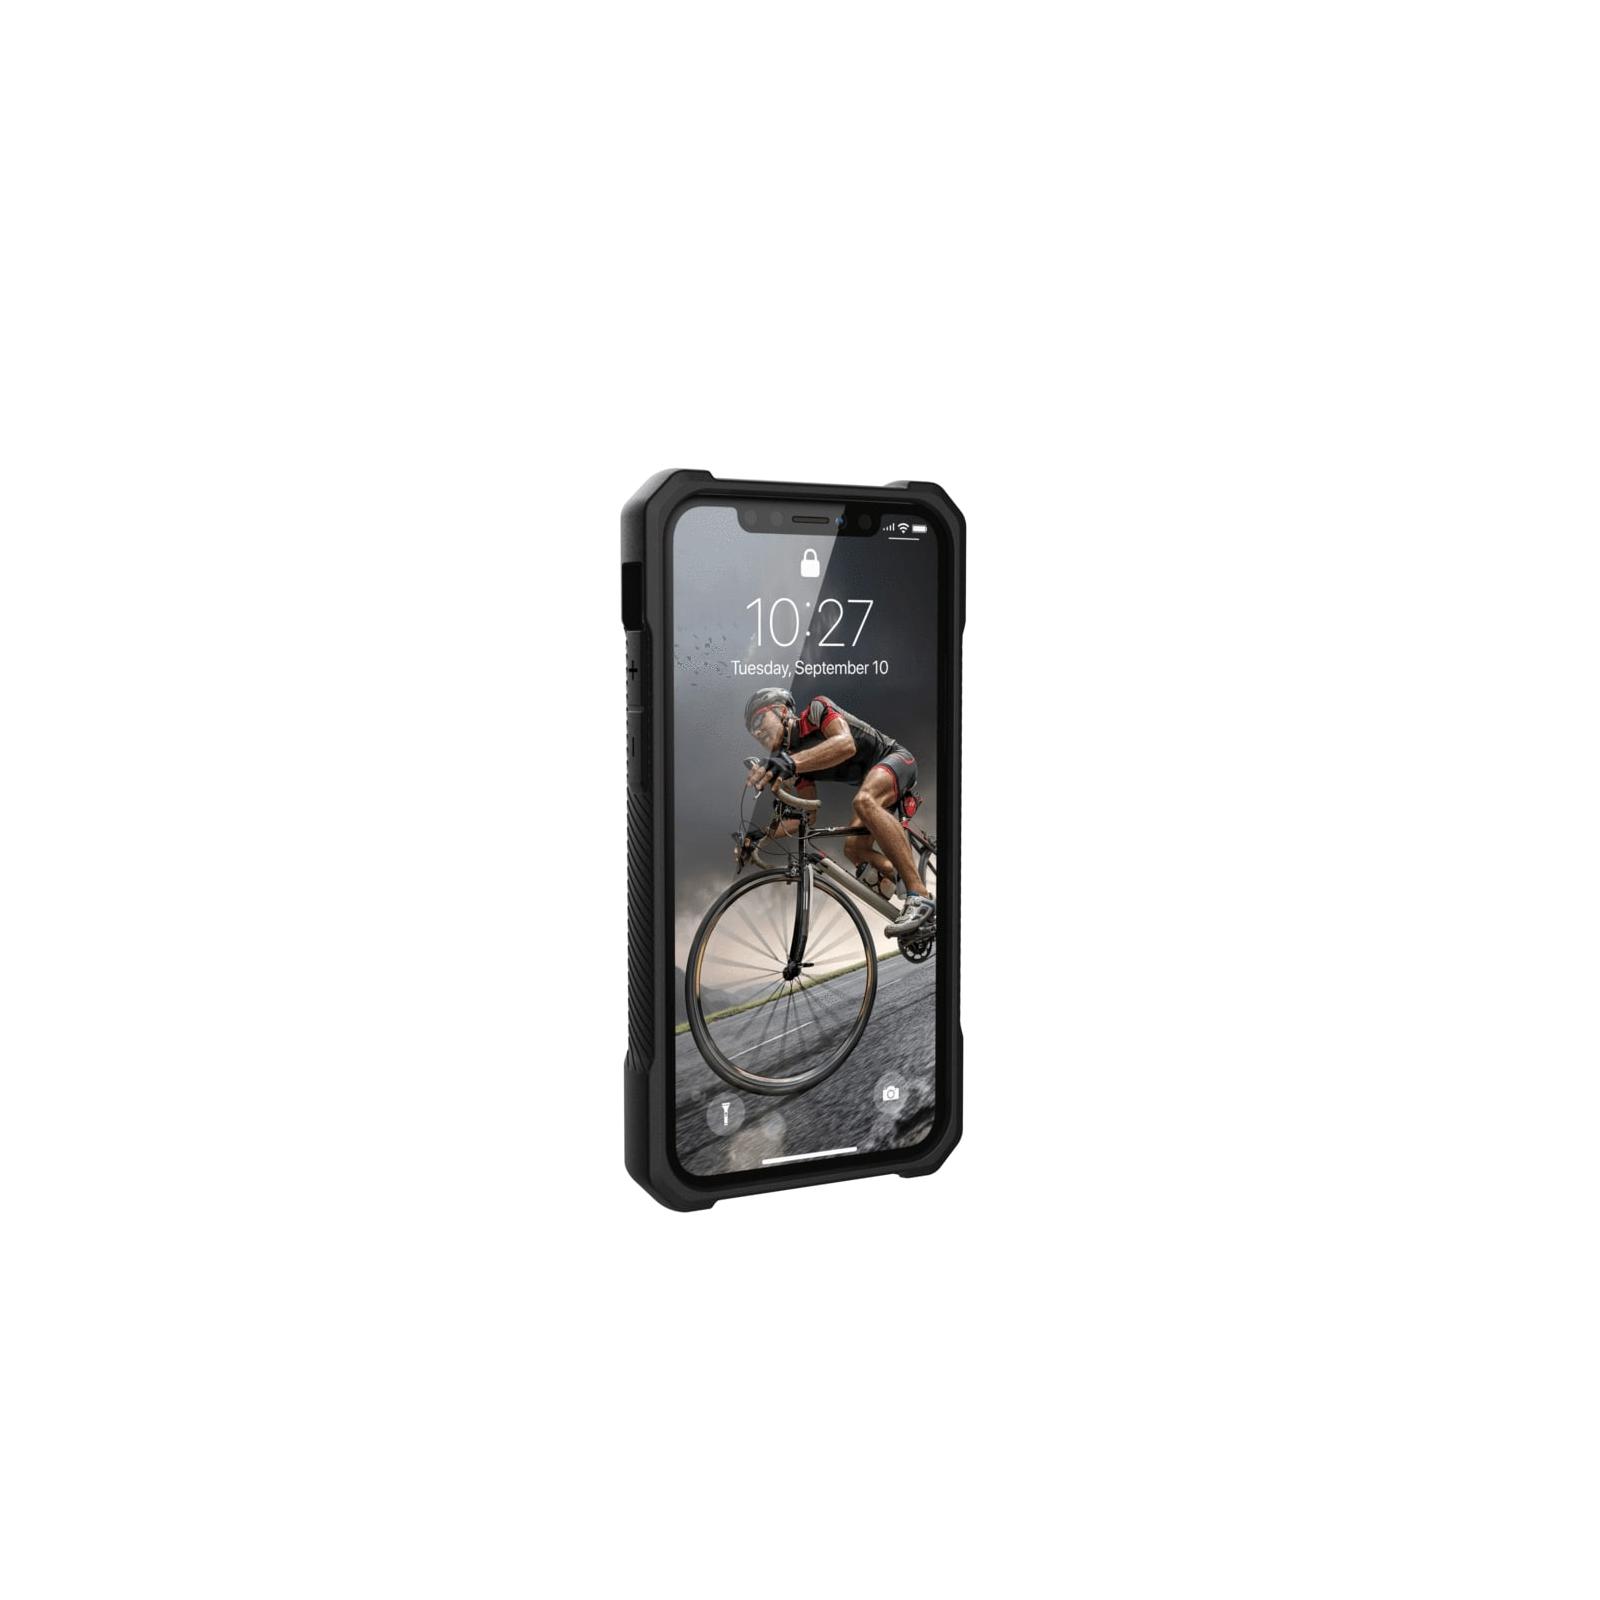 Чехол для моб. телефона Uag iPhone 11 Pro Monarch, Carbon Fiber (111701114242) изображение 5